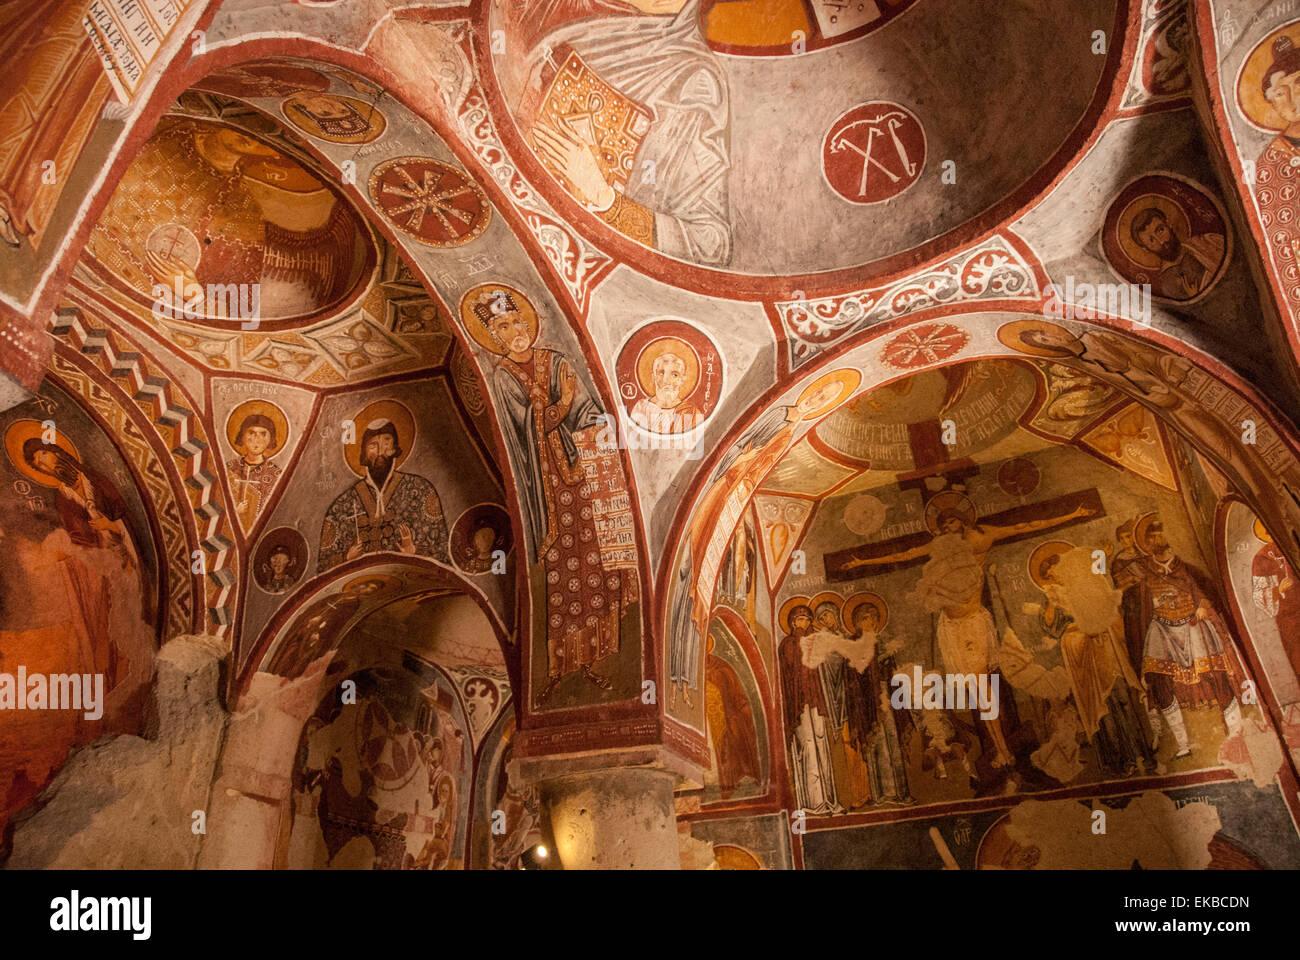 Apple Church, Goreme, UNESCO World Heritage Site, Cappadocia, Anatolia, Turkey, Asia Minor, Eurasia - Stock Image